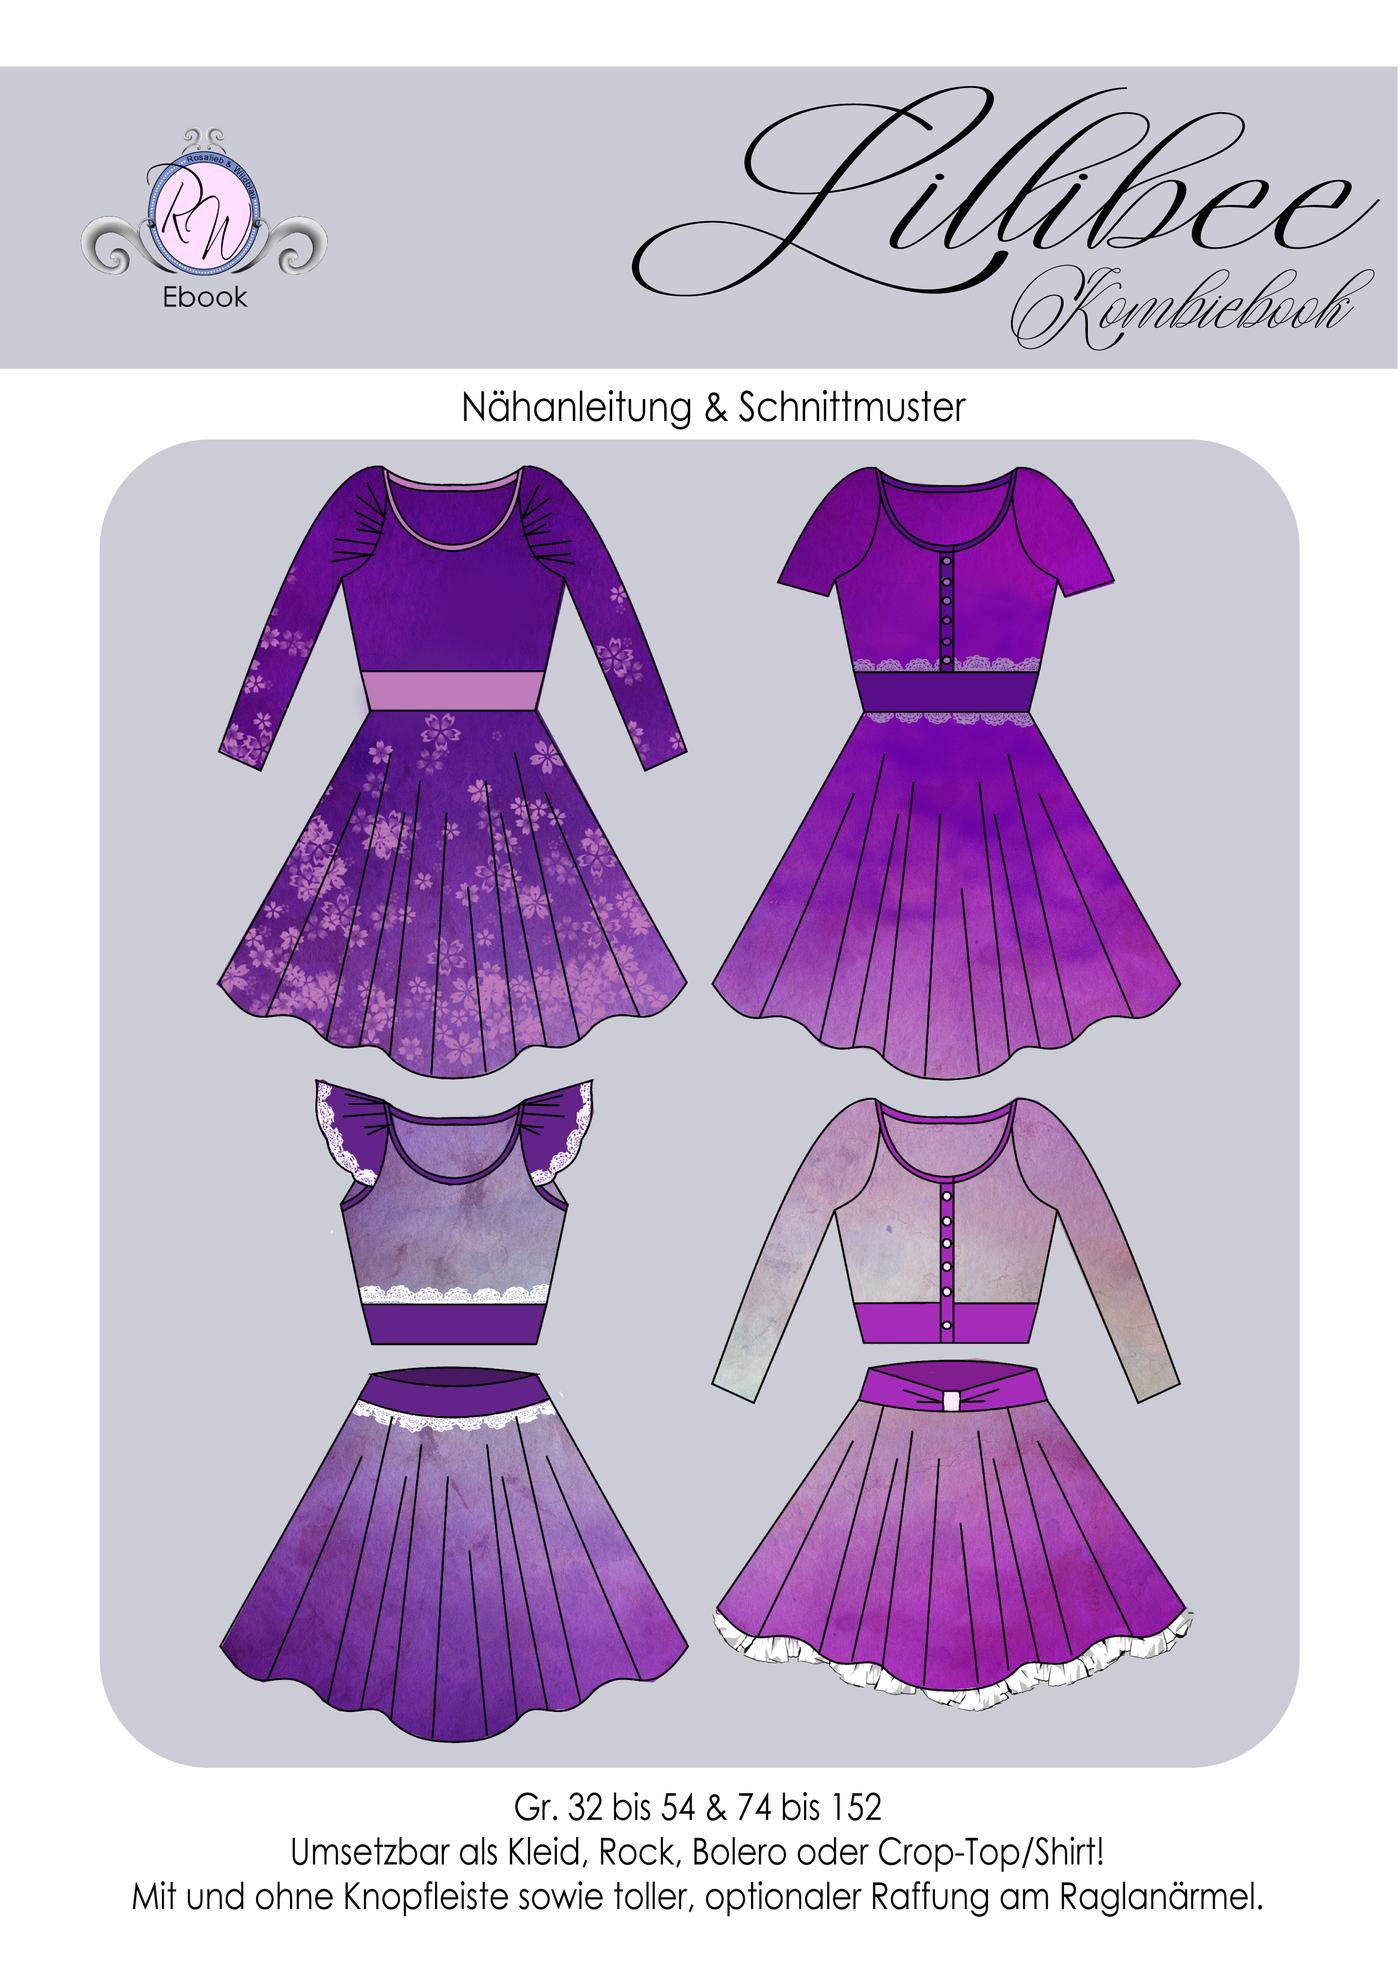 Produktfoto 1 von Rosalieb & Wildblau für Schnittmuster Kombi-Ebook Lillibee Damen und Mädchen